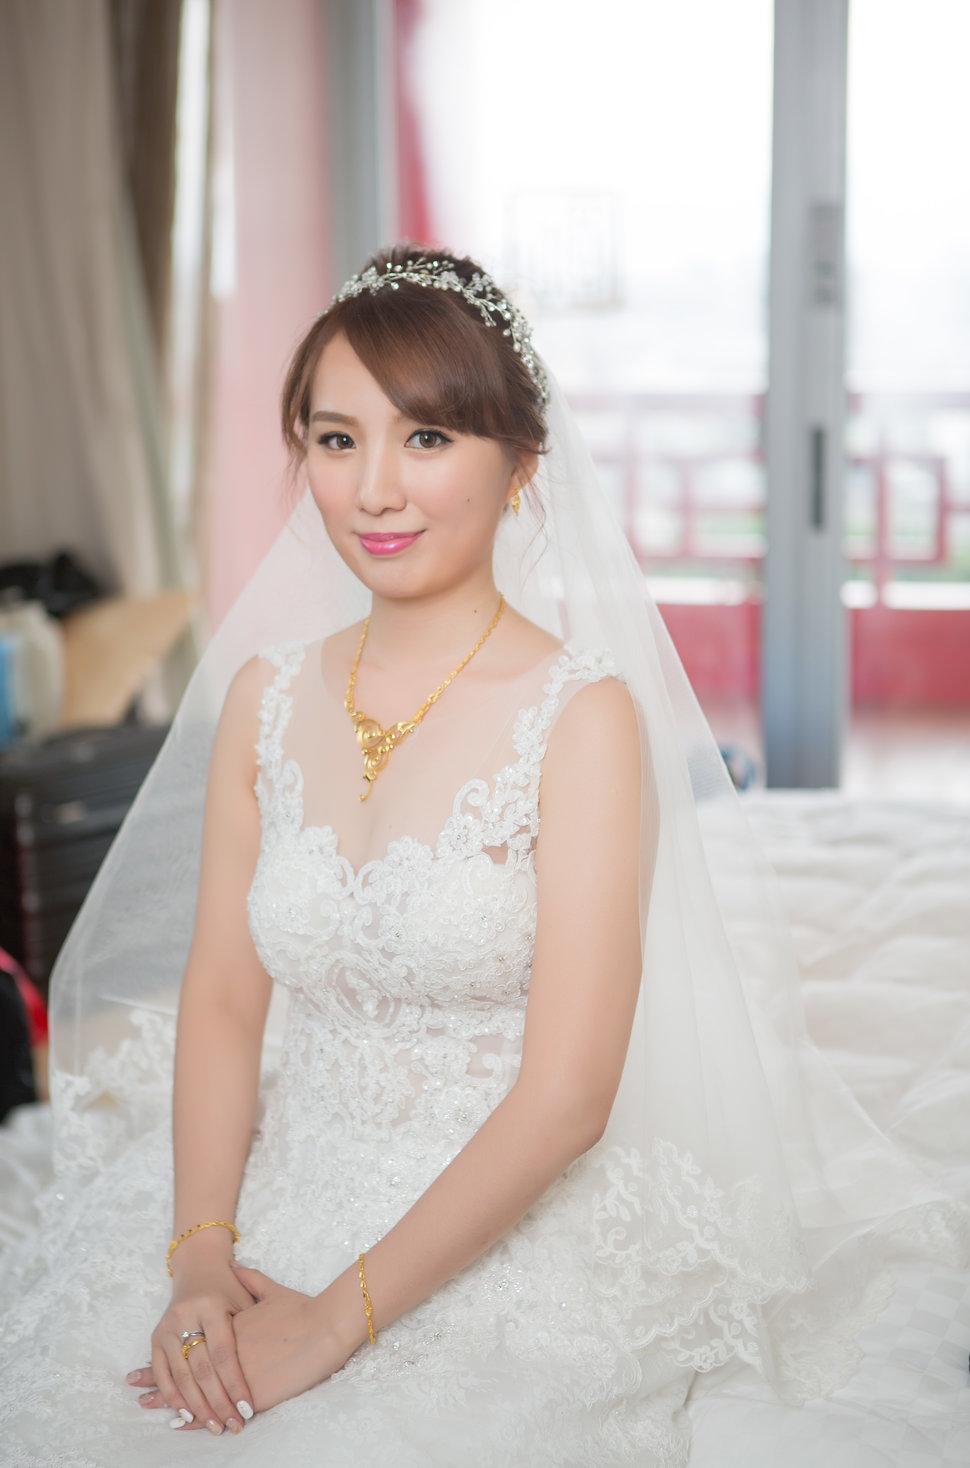 [台北婚攝] 文訂迎娶儀式_台北圓山大飯店(編號:431786) - Allen影像團隊 Love Story - 結婚吧